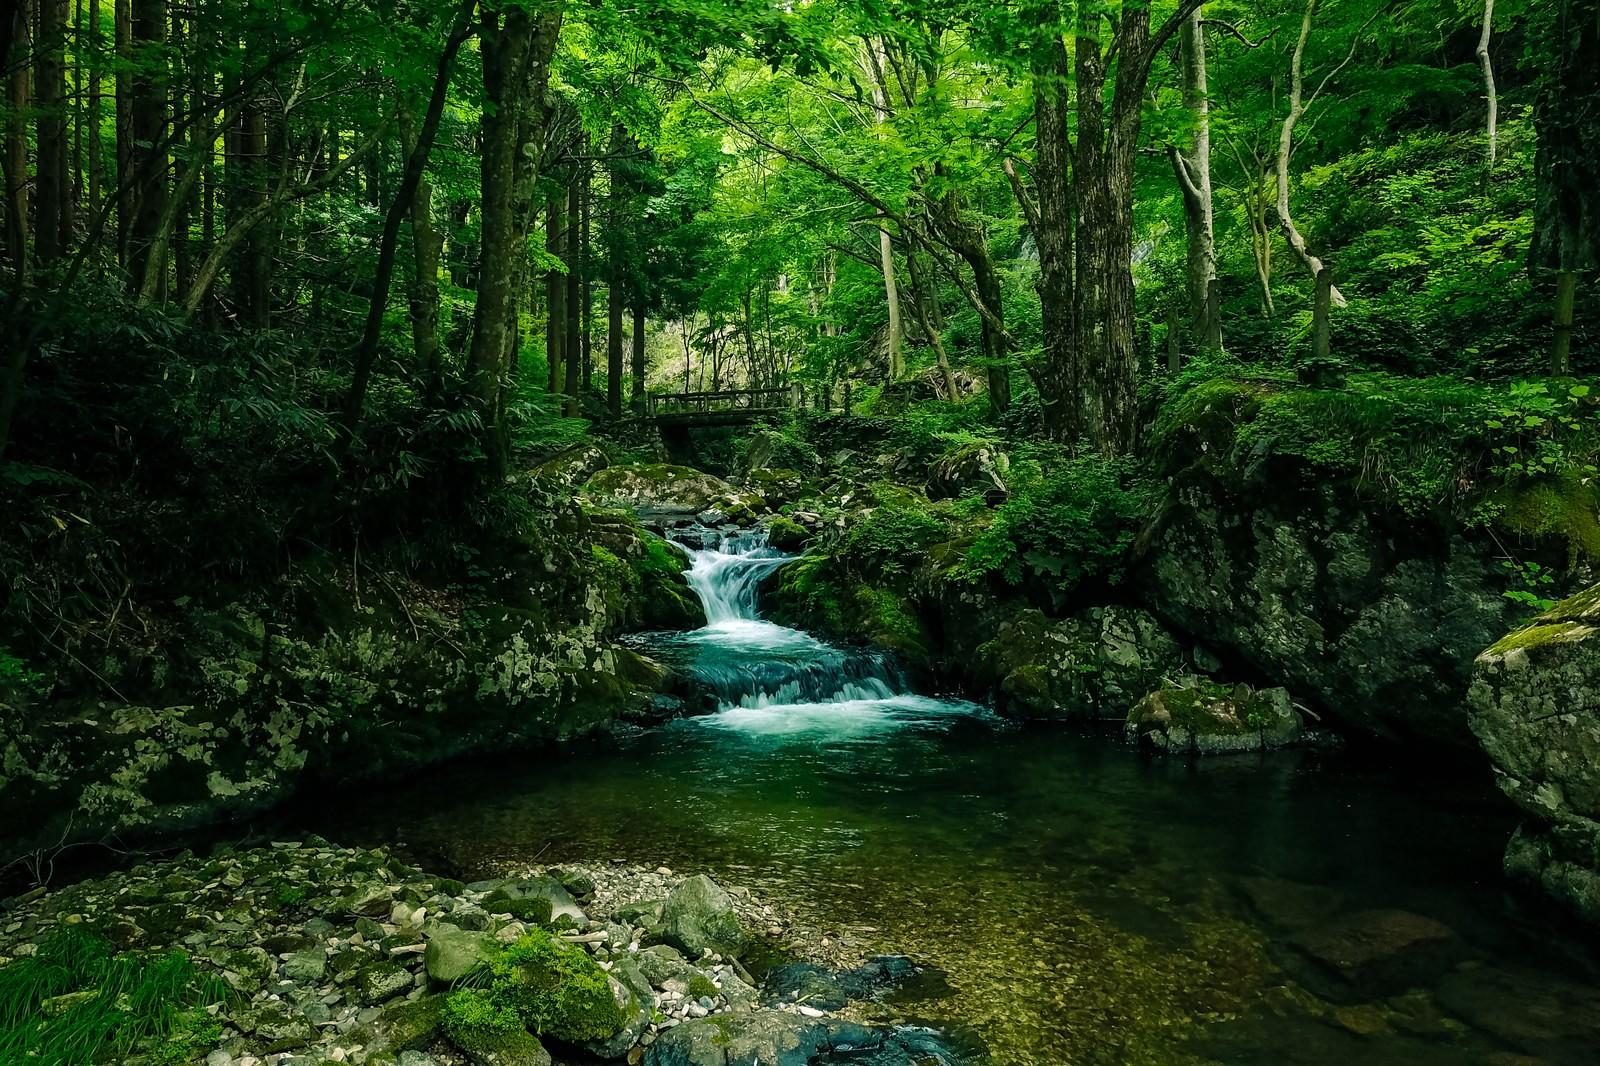 「緑に覆われた白賀渓谷(岡山県鏡野町)緑に覆われた白賀渓谷(岡山県鏡野町)」のフリー写真素材を拡大